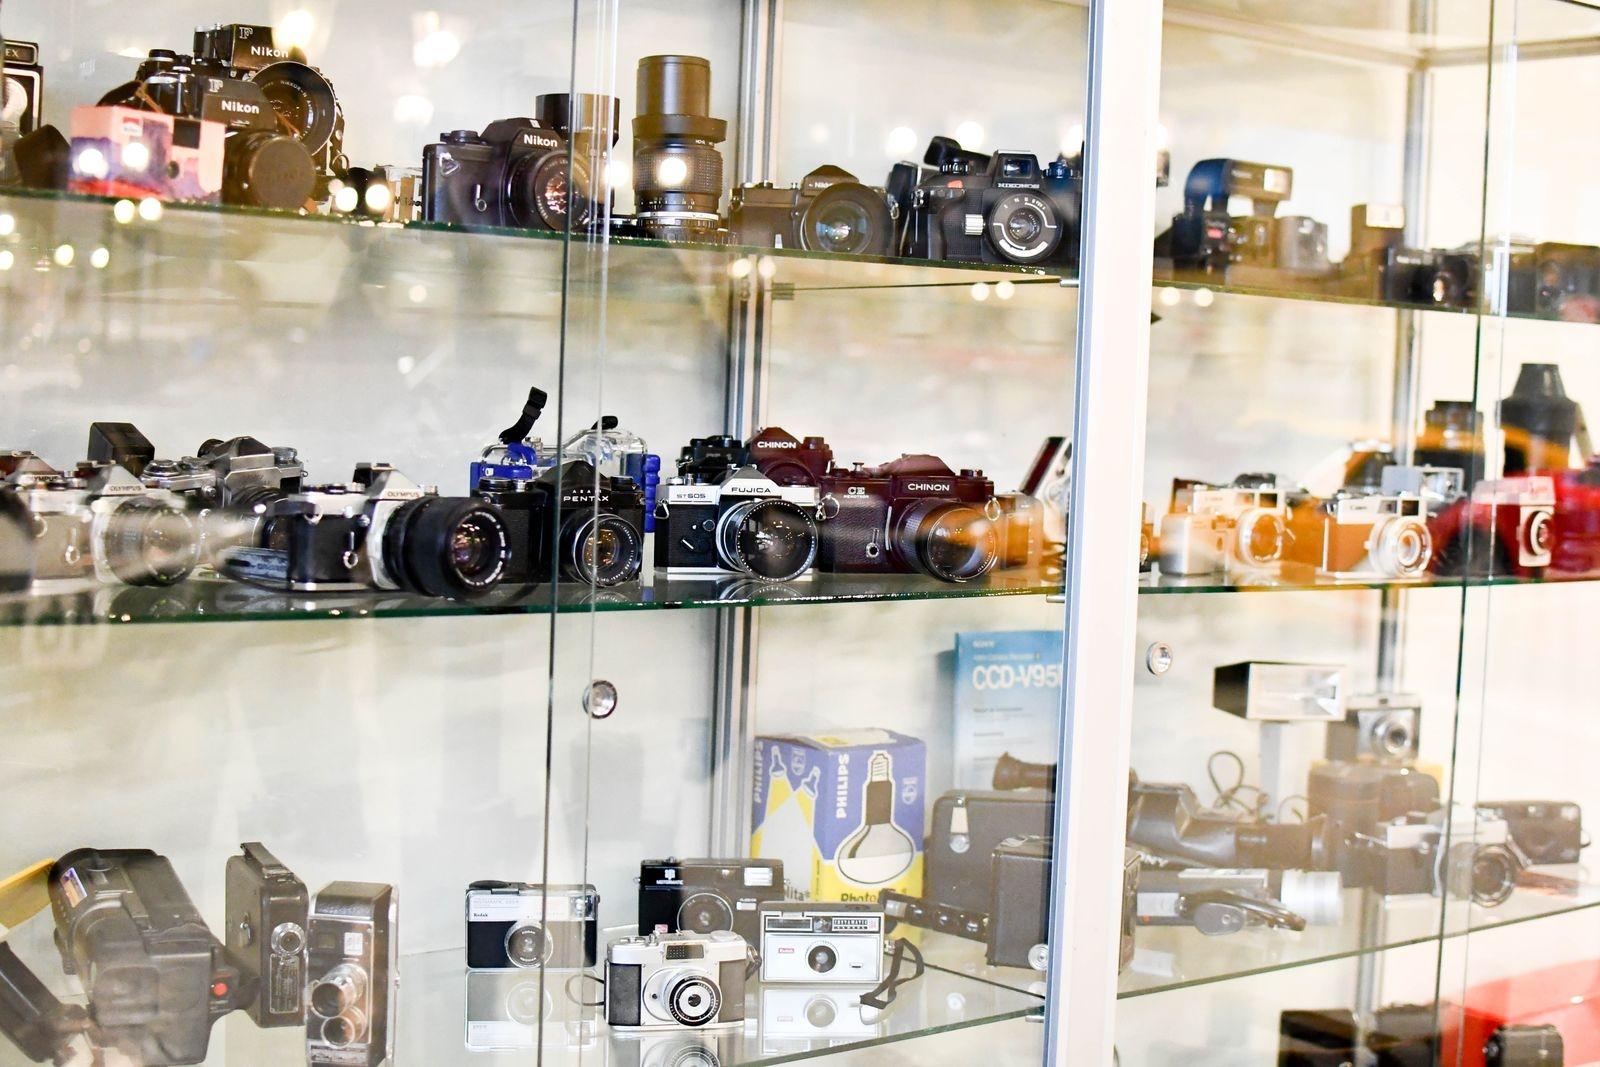 Som om det inte vore nog med bilar, mopeder, motorcyklar, scootrar, flygplan, helikoptrar, leksaker och musikmaskiner, så visar museet nu även en spännande samling kameror.